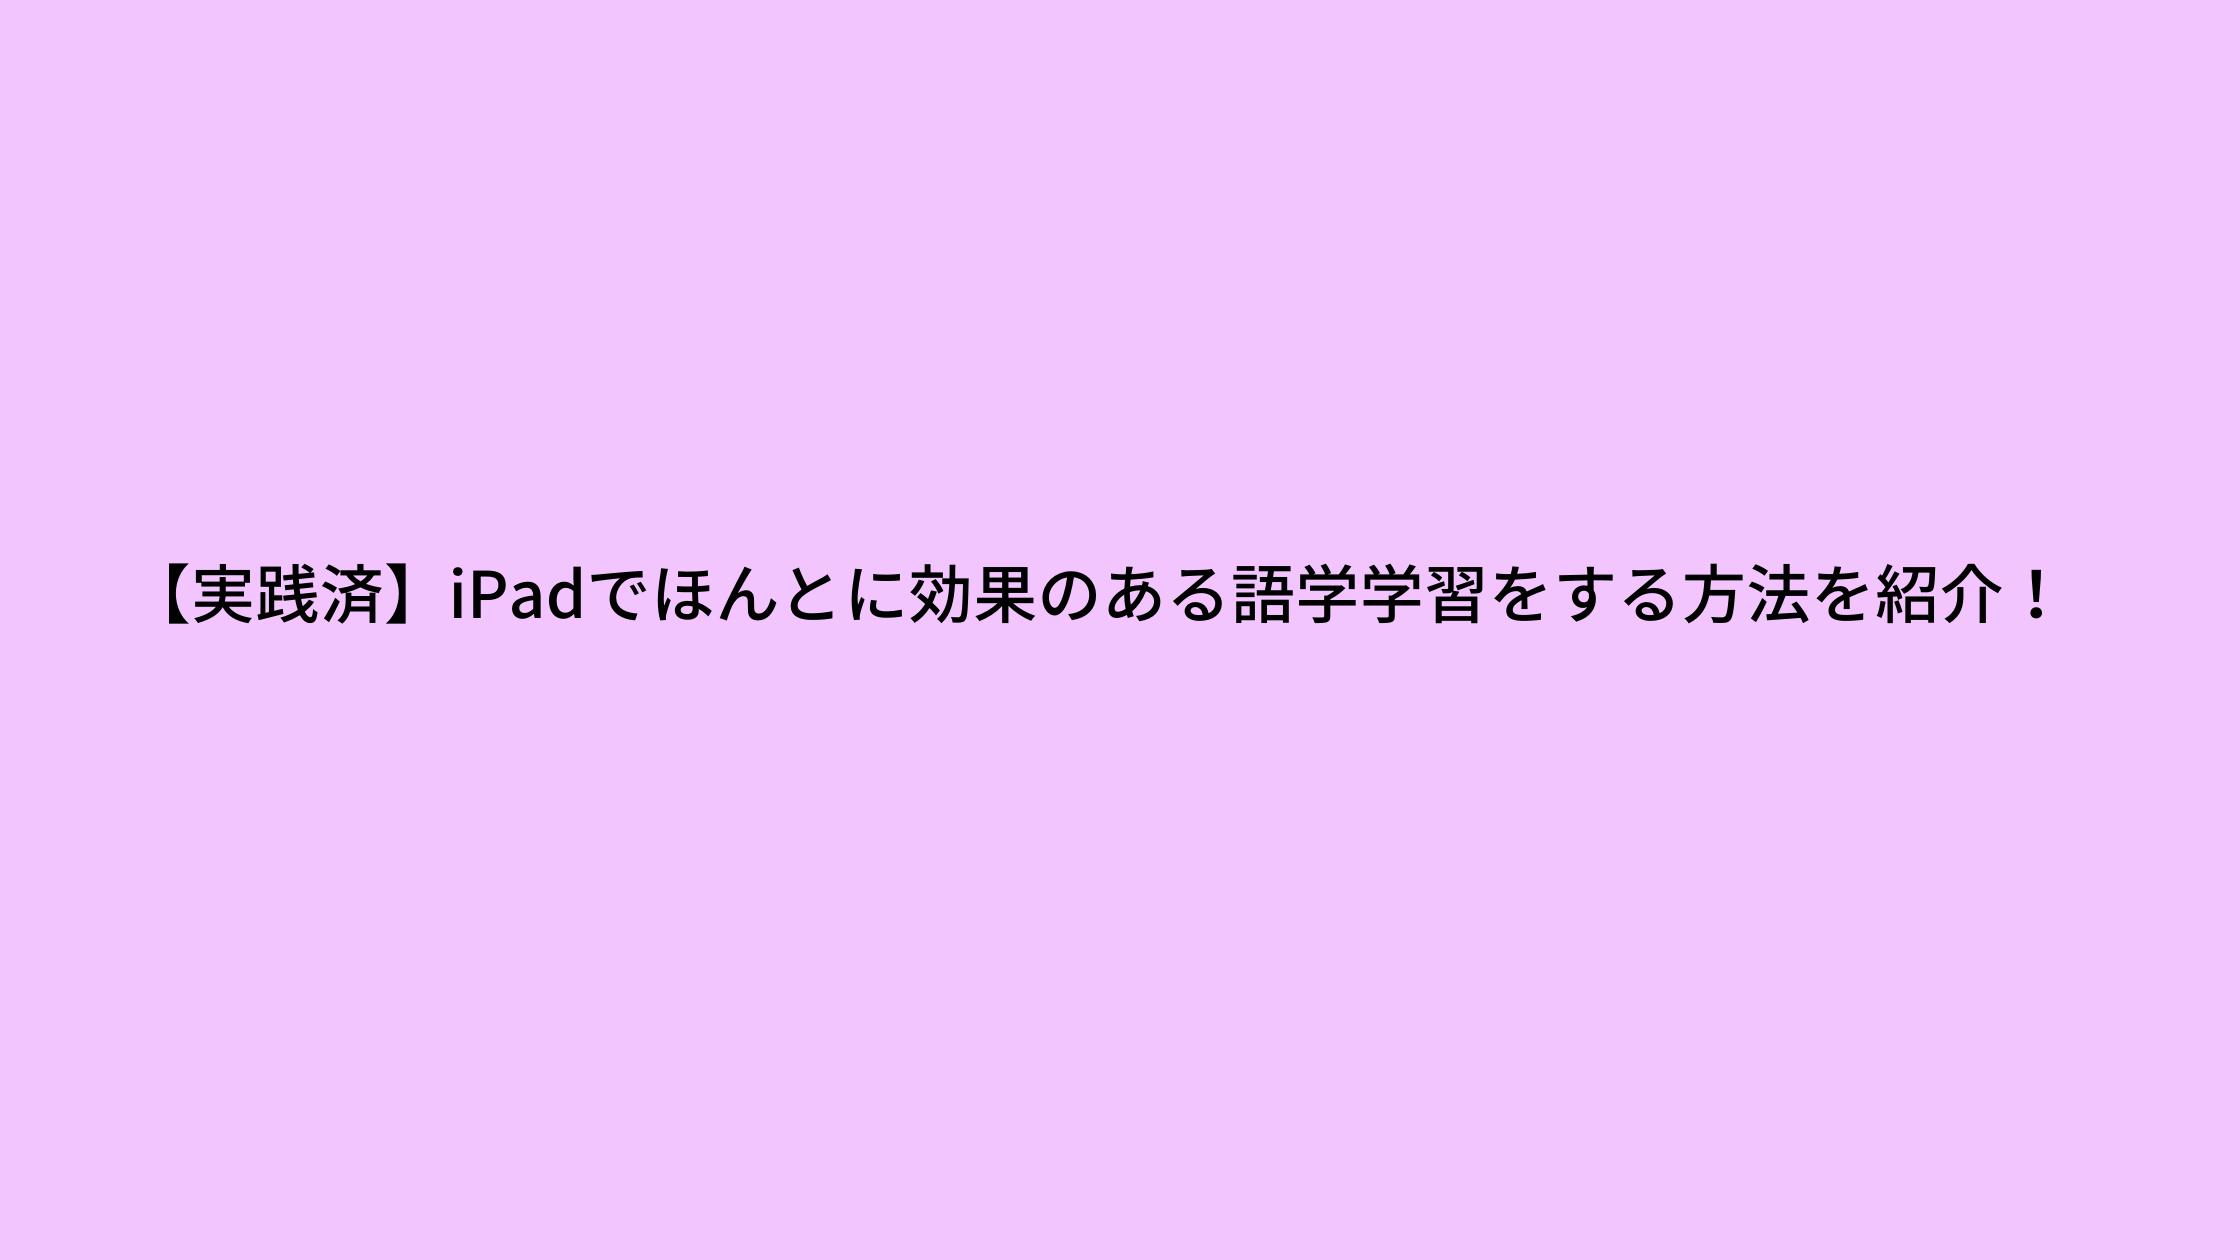 【実践済】iPadでほんとに効果のある語学学習をする方法を紹介!